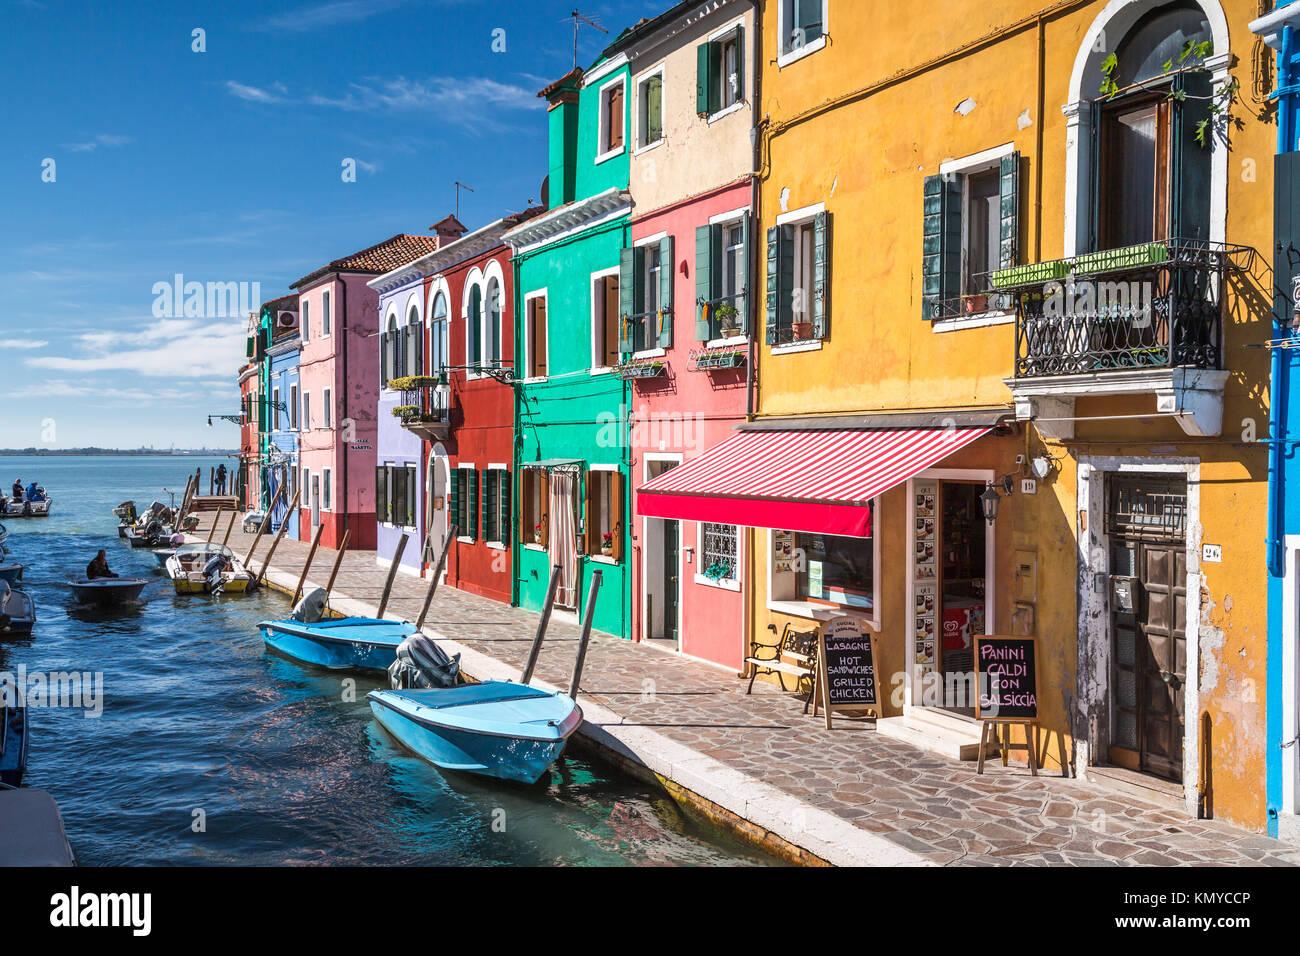 Les bâtiments colorés, de canaux et de bateaux dans le monde vlllage de Burano, Venise, Italie, Europe. Photo Stock